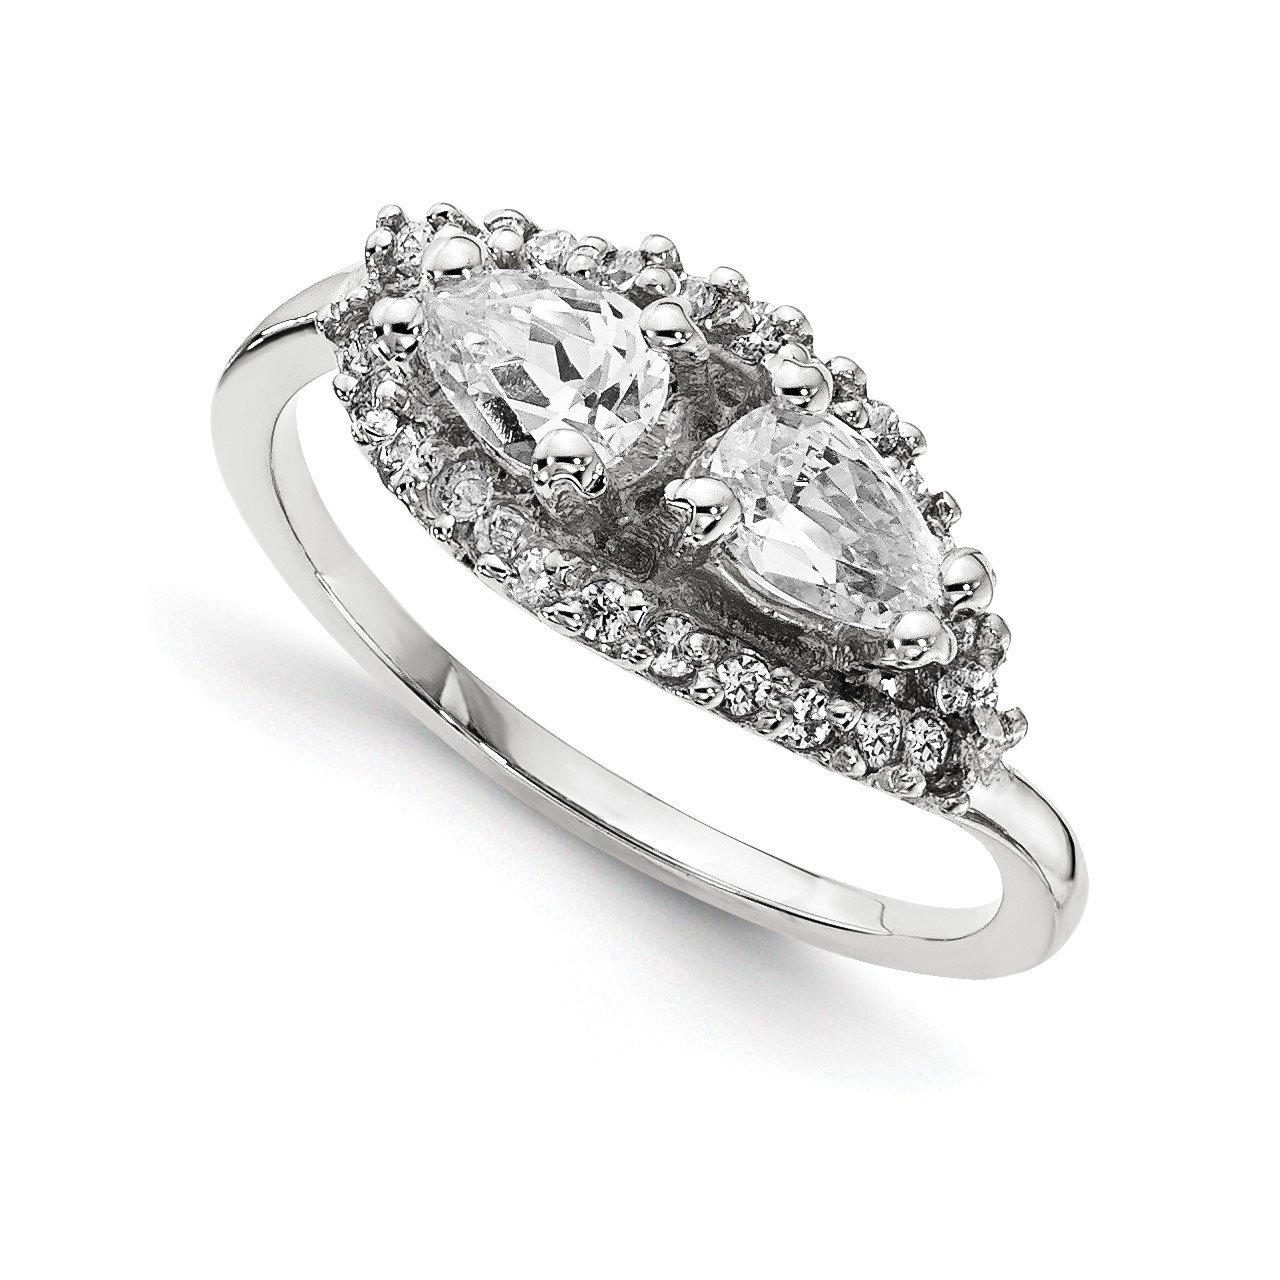 14KW AAA Diamond 2-stone Ring Semi-Mount - 6x4 mm center stones